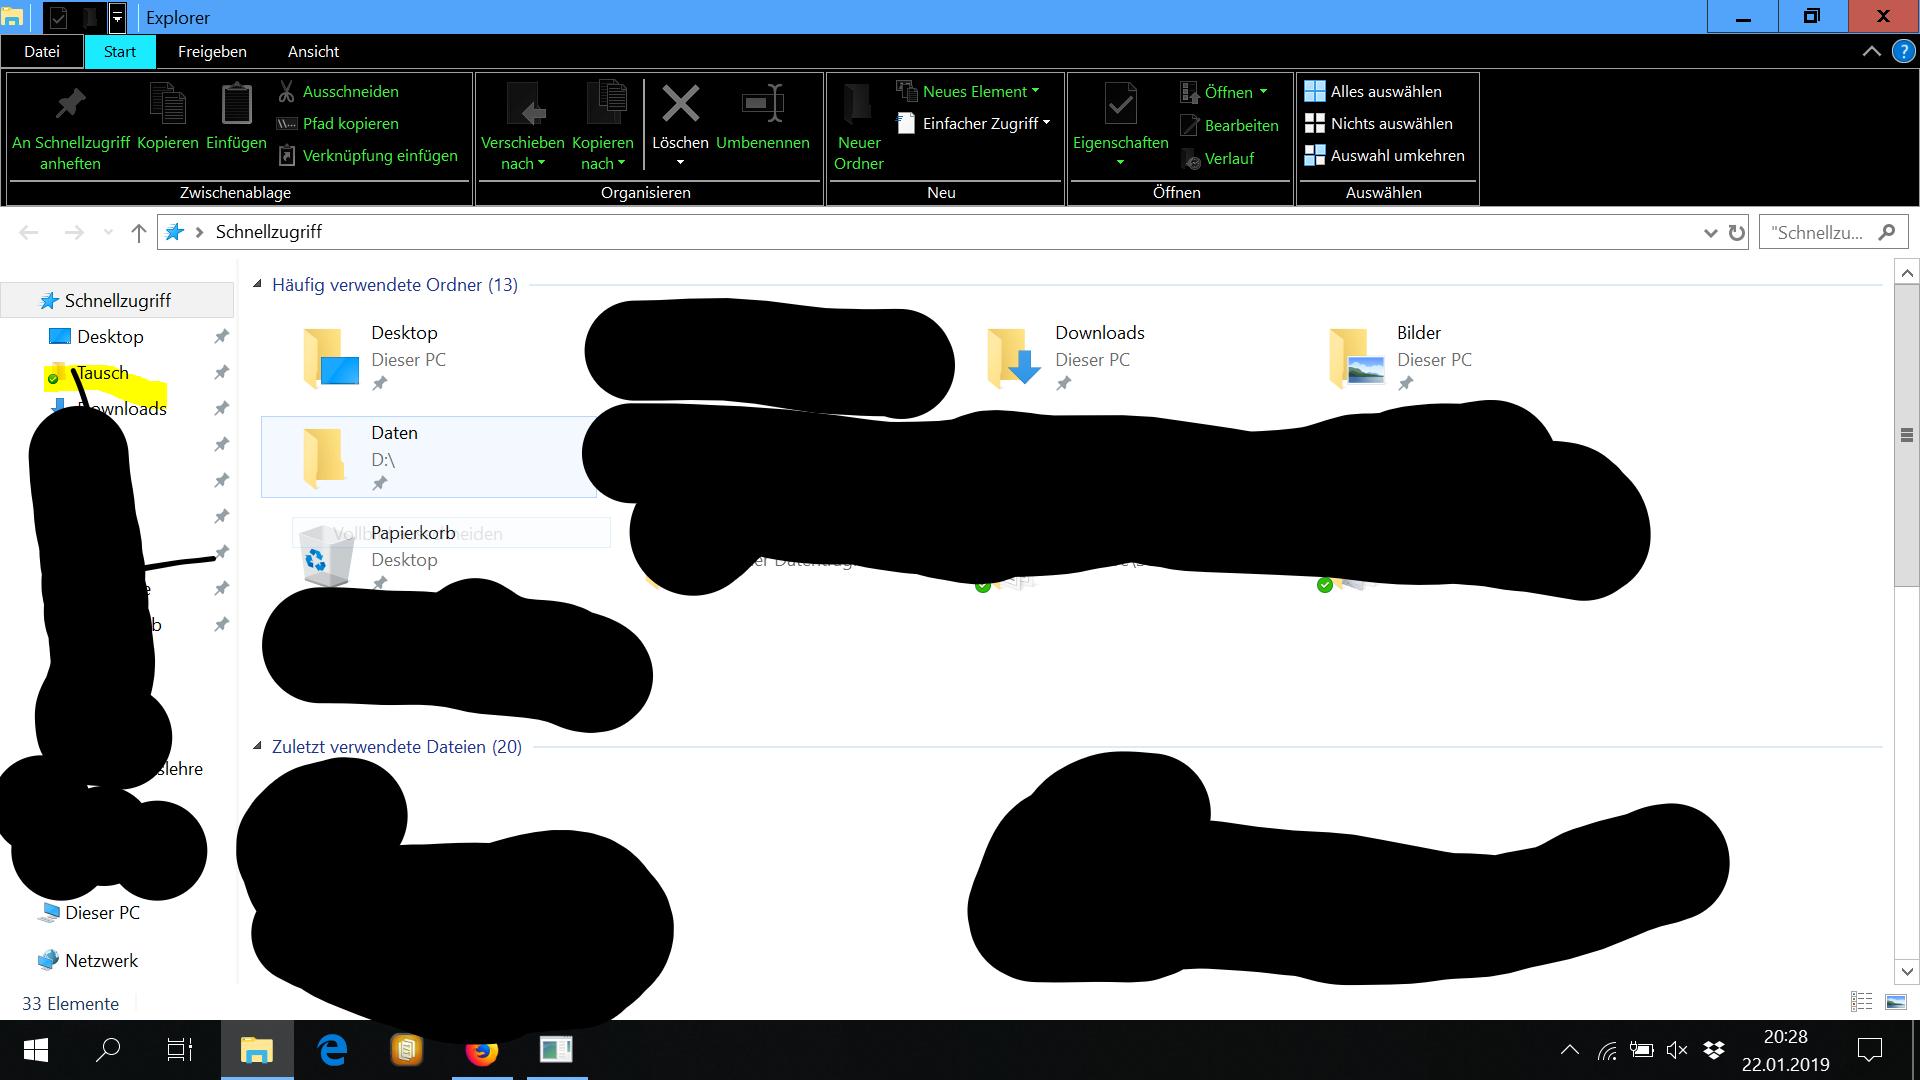 Windows 10 Design nach Update teilweise schwarz, hell, dunkel...